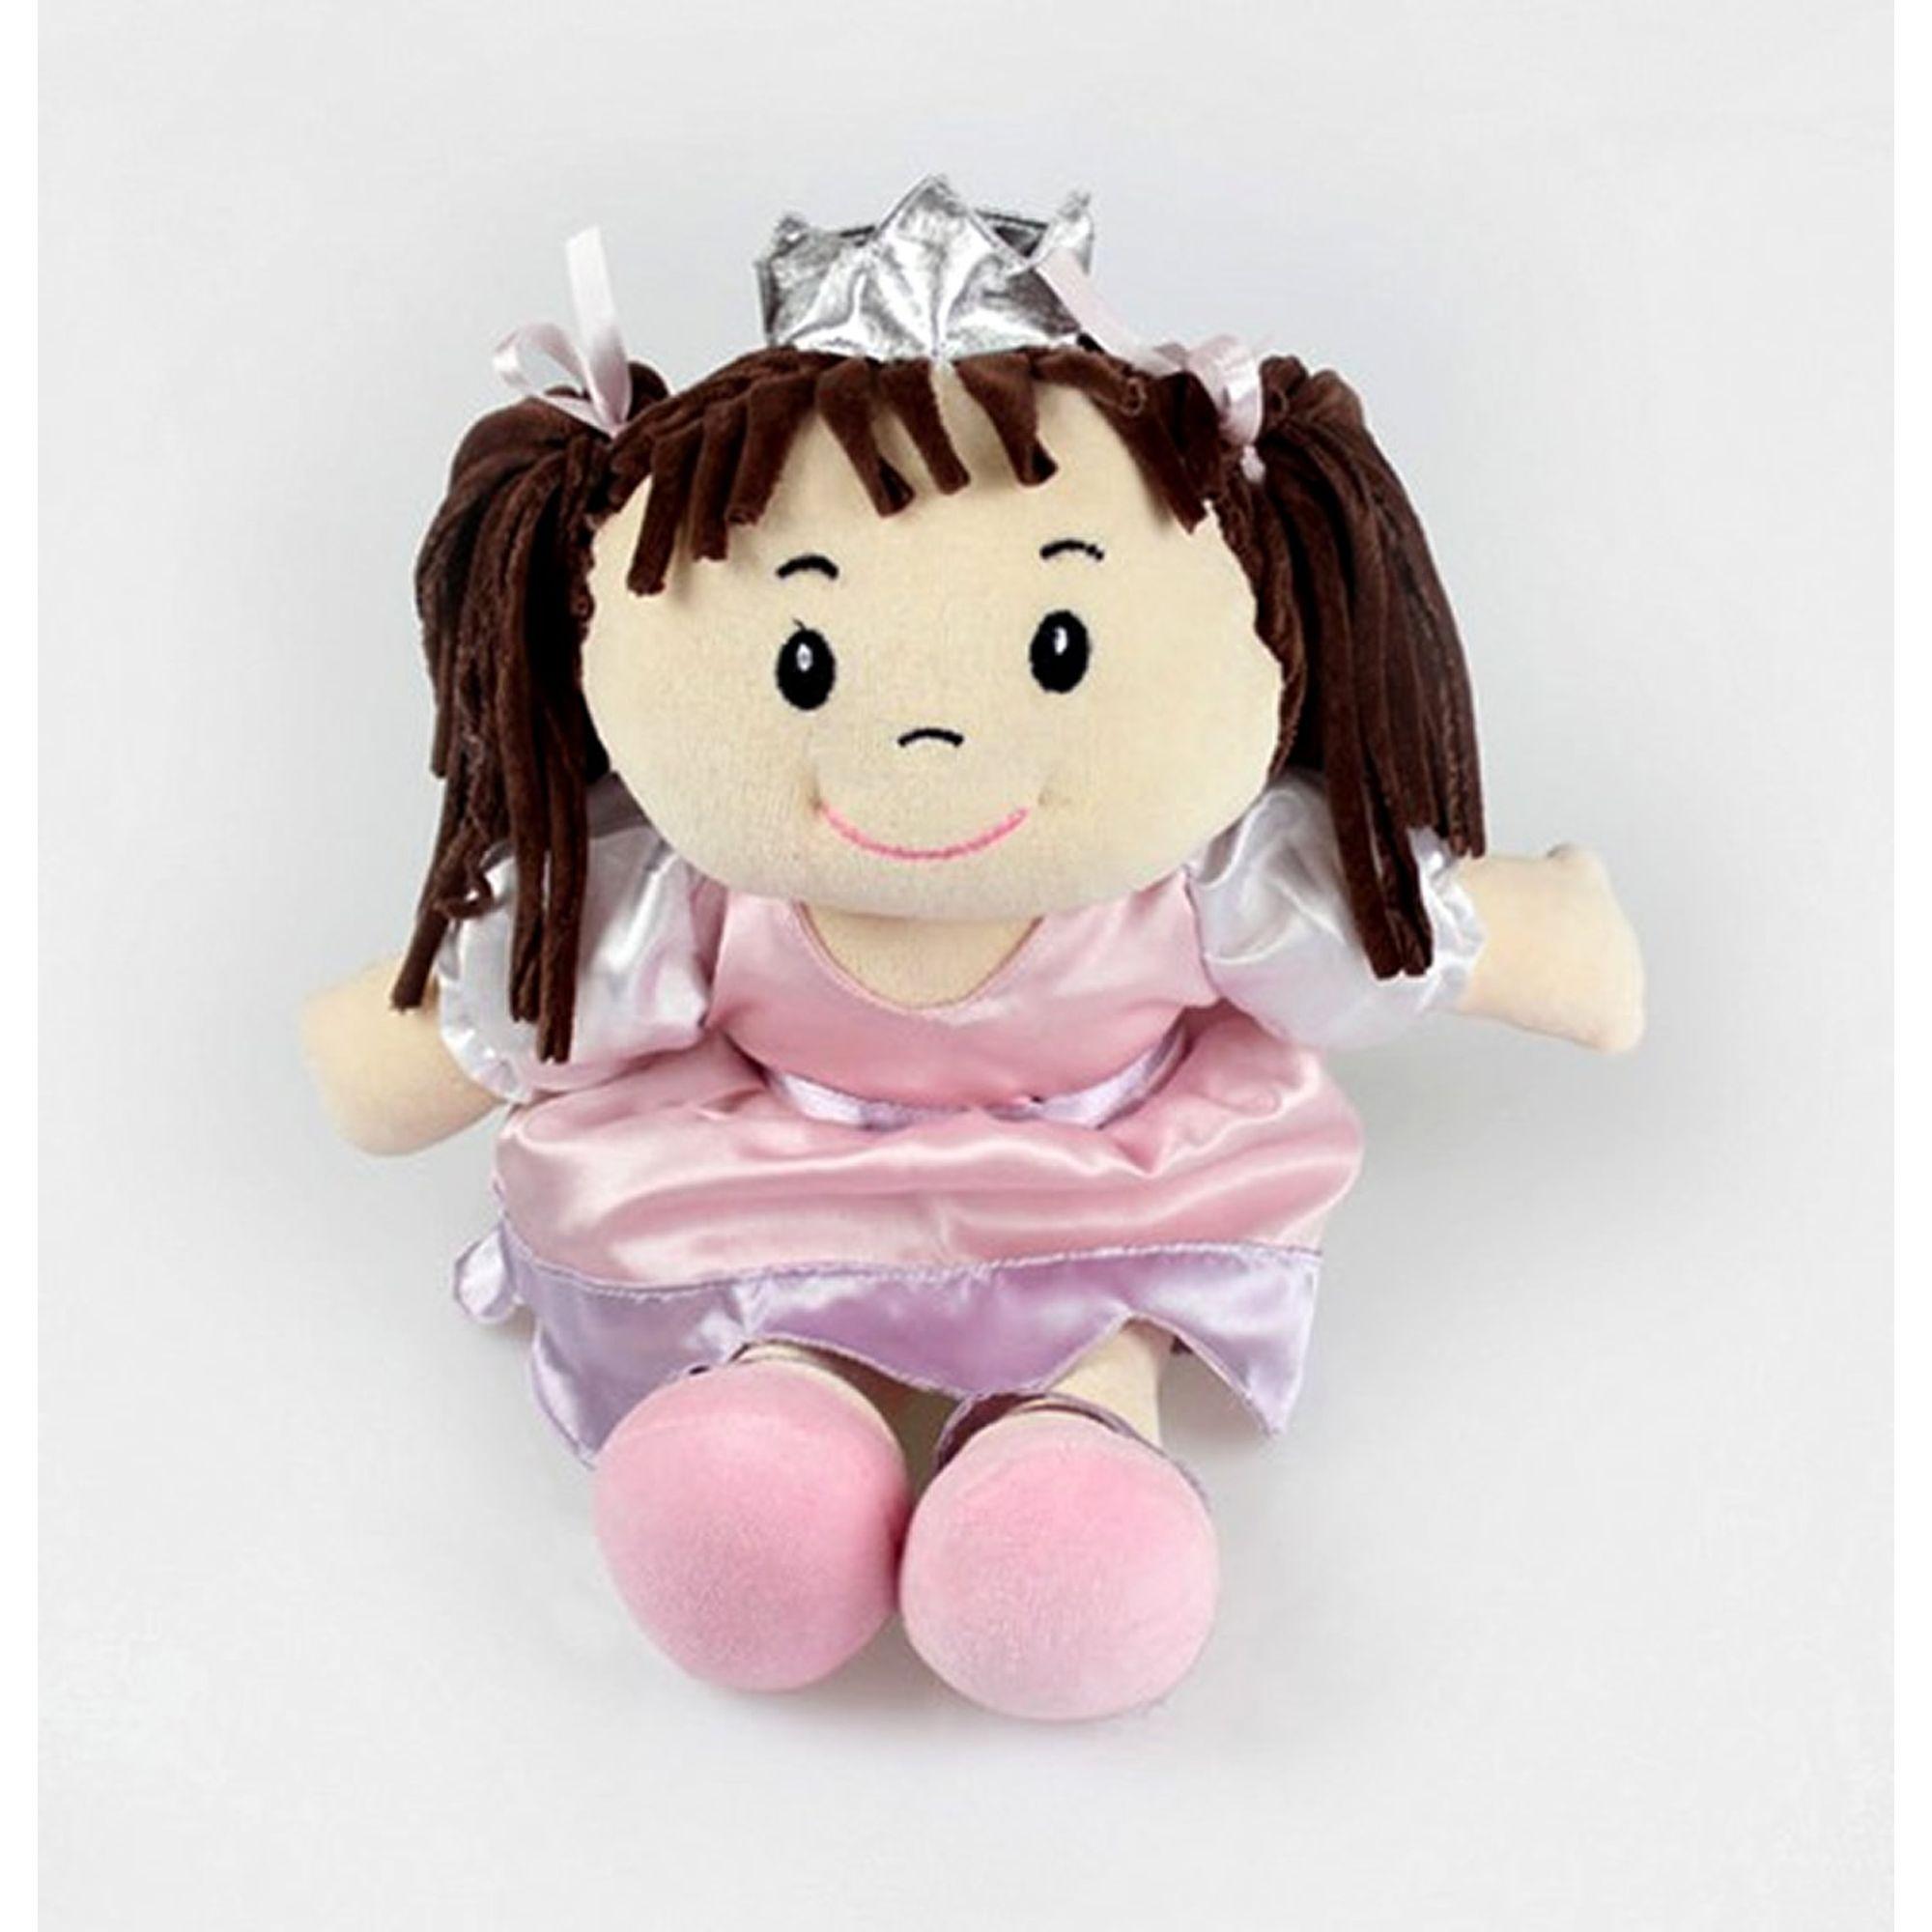 boneca-princesa-sophia-plush-e-cetim-zip-toys